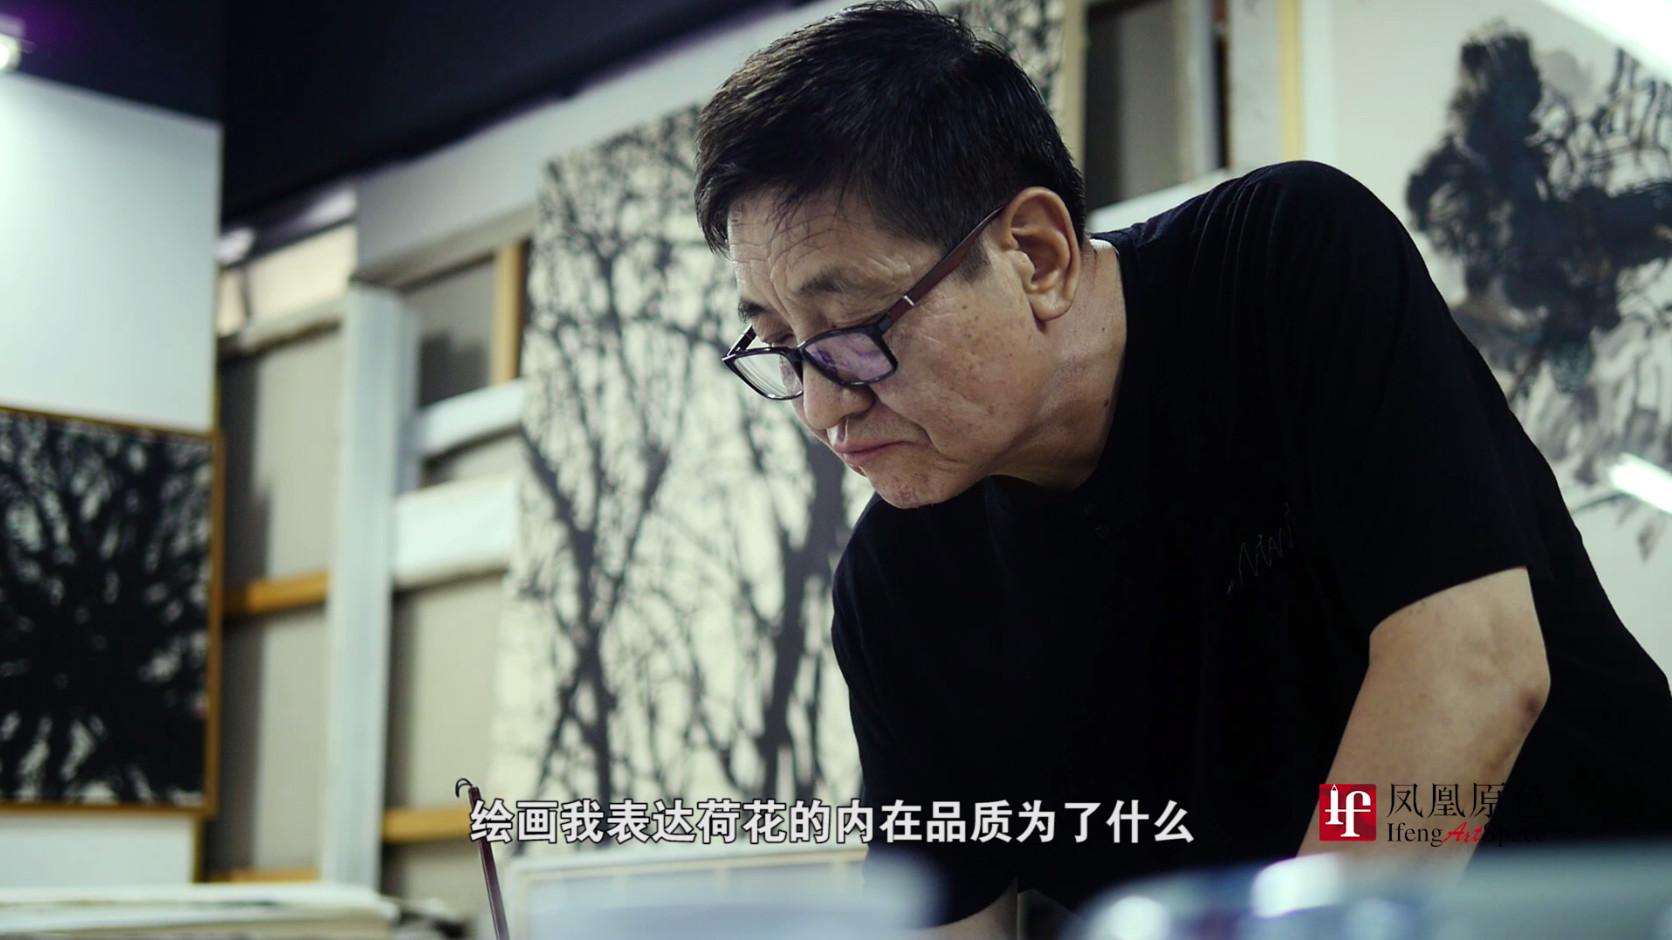 天津美院国画名师天团匠心巨作, 新书教程视频首发!